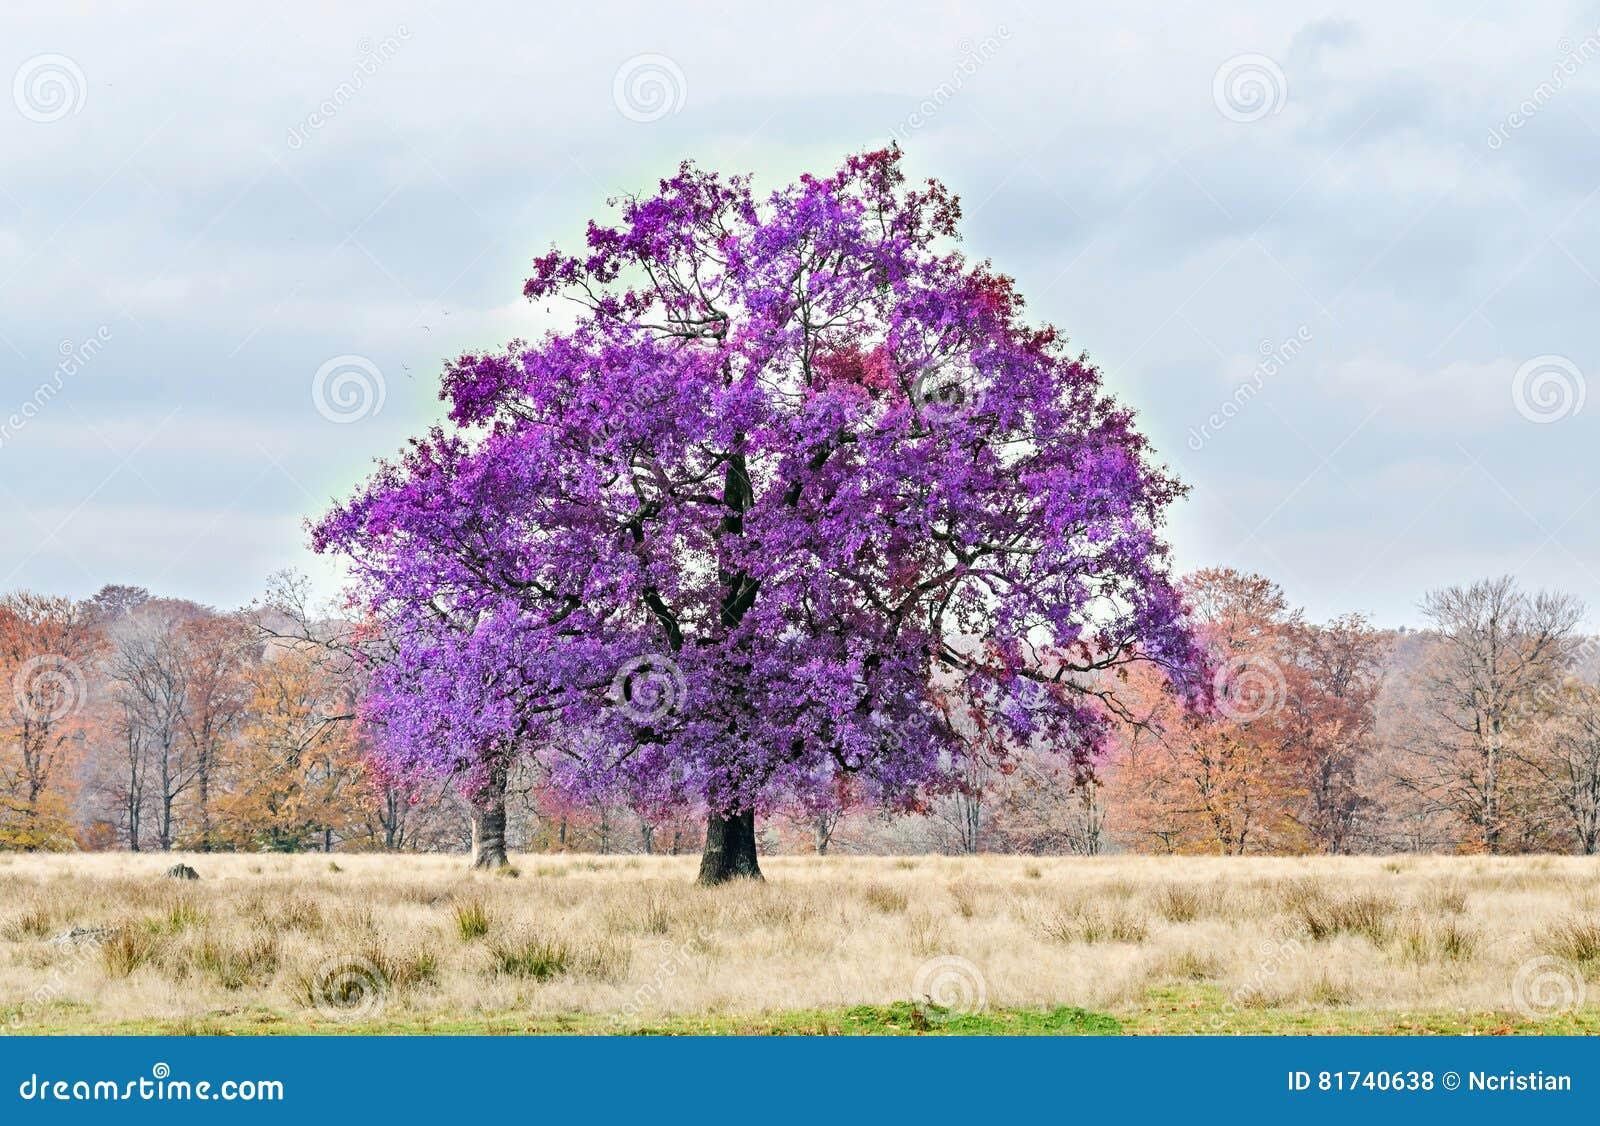 arbre violet mauve dans le temps d'automne, parc extérieur photo